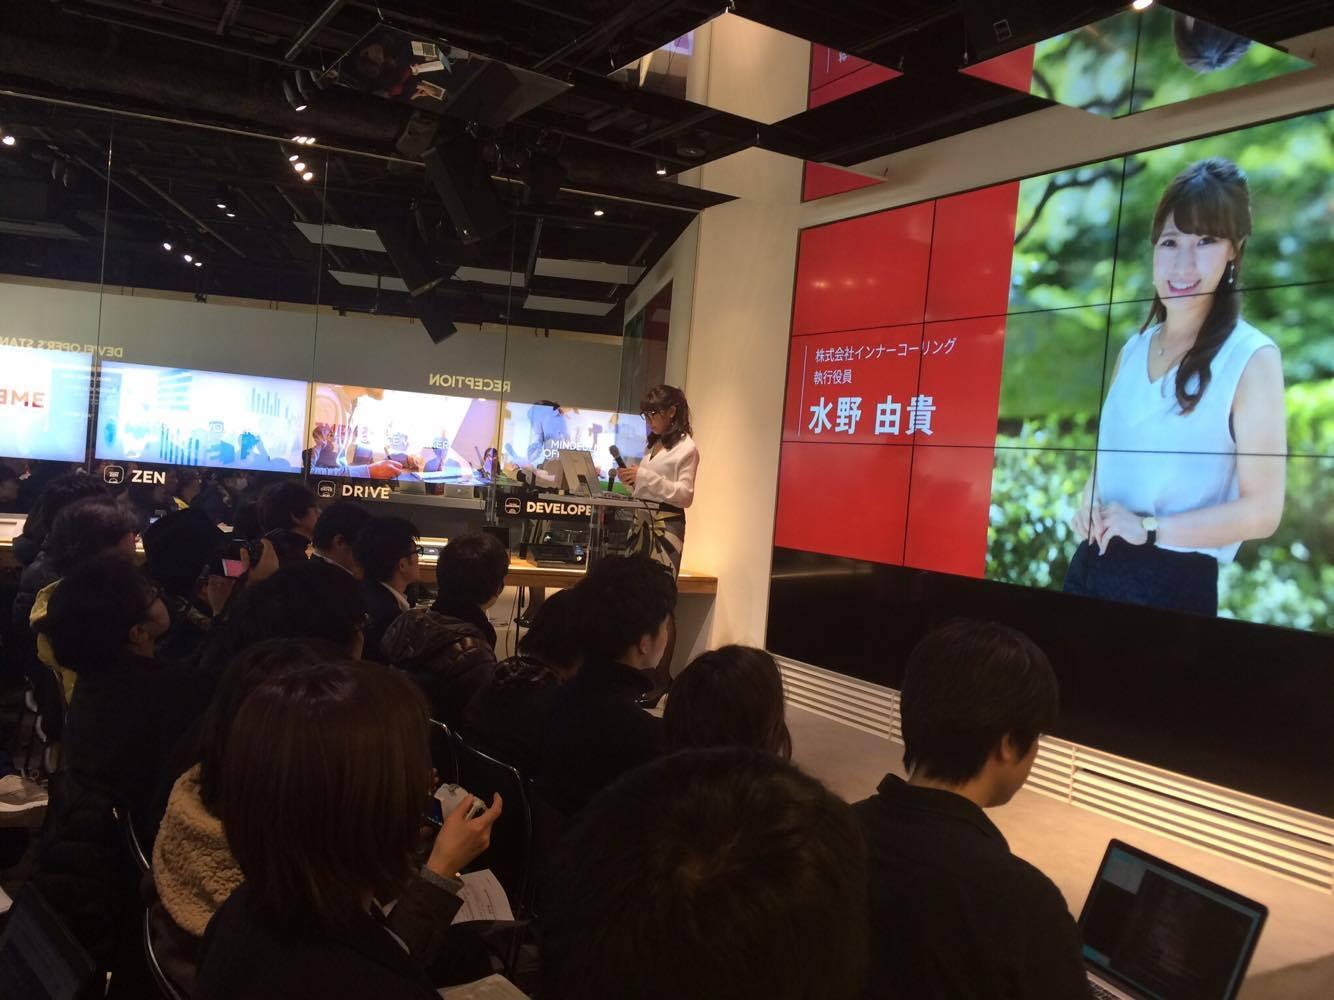 新サービス『cocokuri(ココクリ)』の記者発表会に潜入したよの話 #きょうのエン